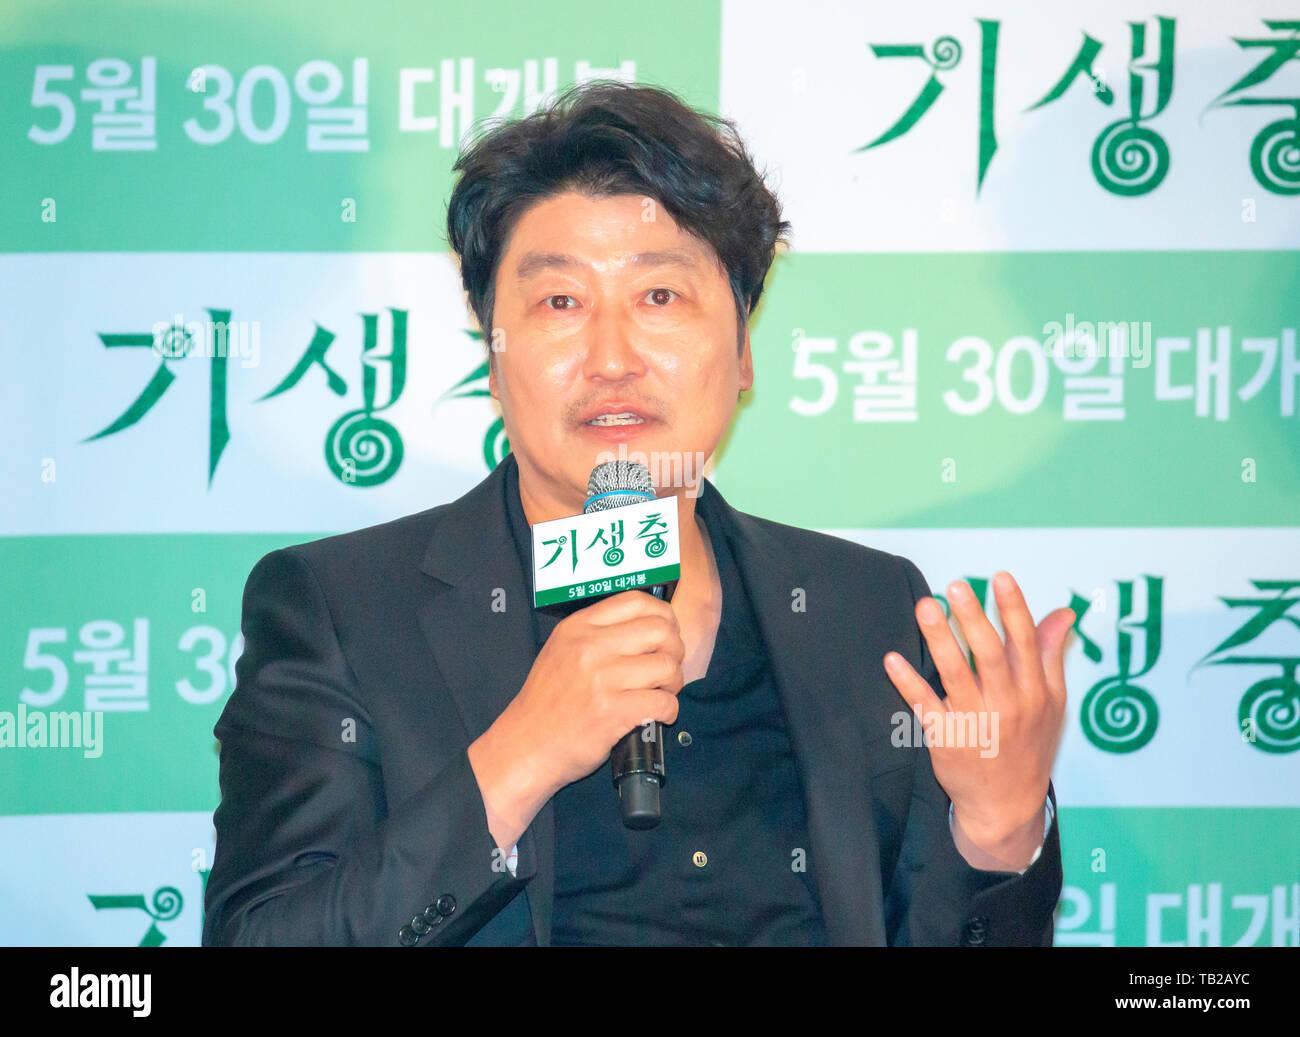 Song Kang-Ho, May 28, 2019 : South Korean actor Song Kang-Ho attends